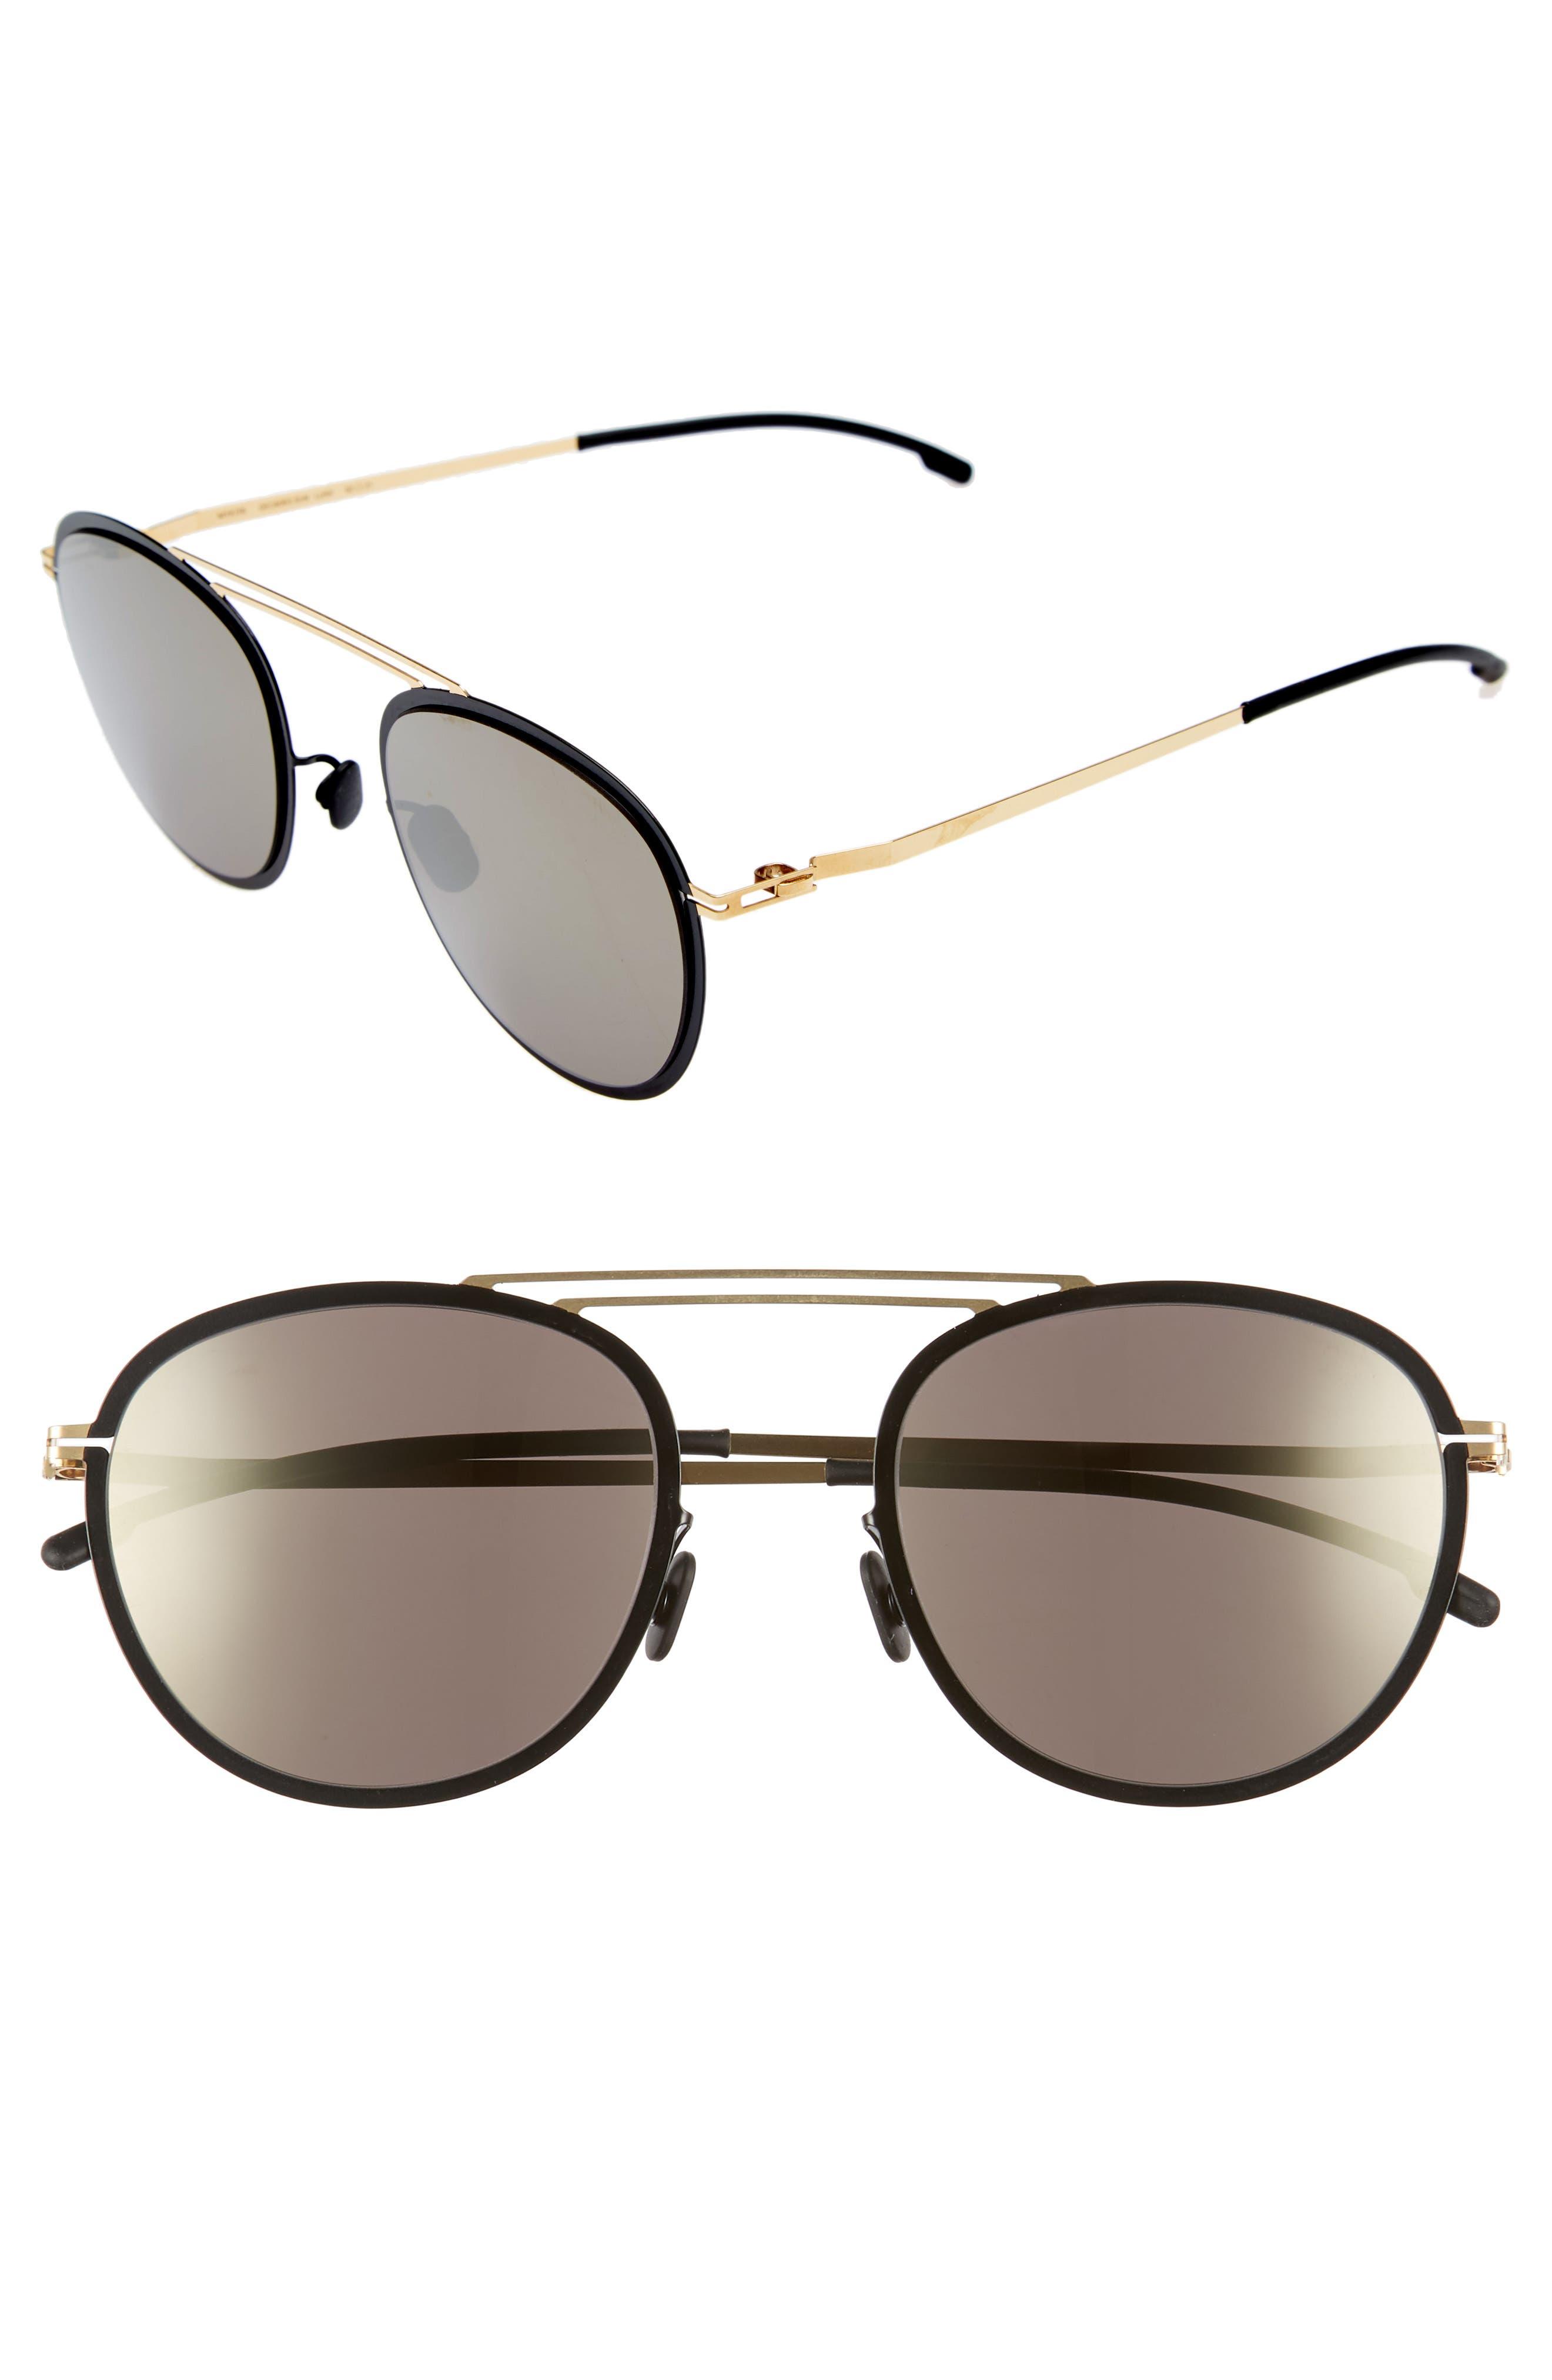 Luigi 52mm Aviator Sunglasses,                             Main thumbnail 1, color,                             Gold/ Jet Black